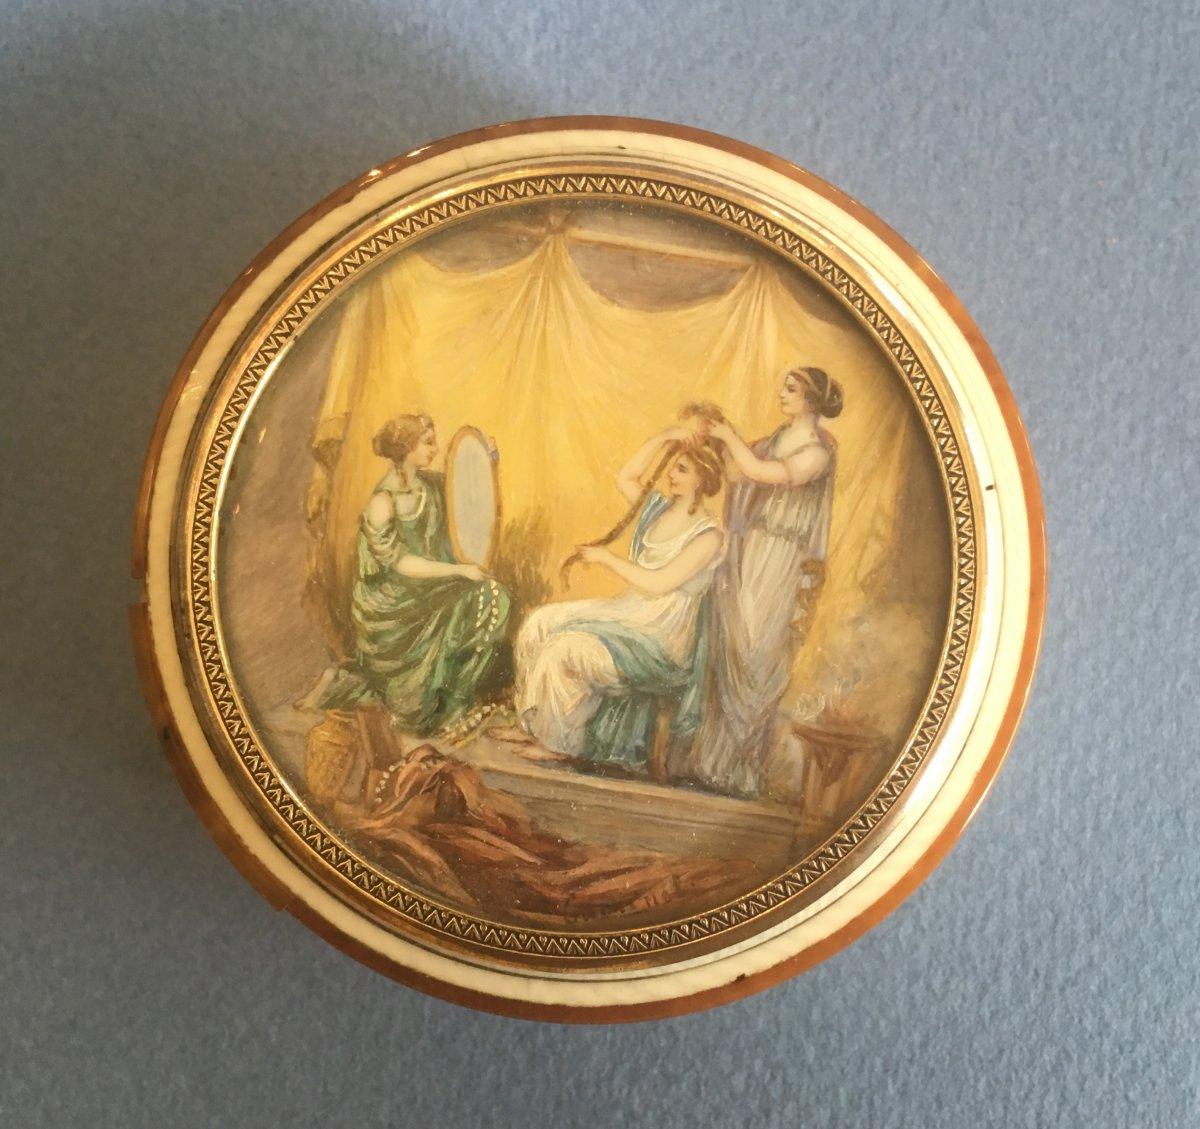 Belle Boite Ronde Avec Sur Le Couvercle Une Miniature De Femme à Sa Toilette. Fin XVIII Iéme